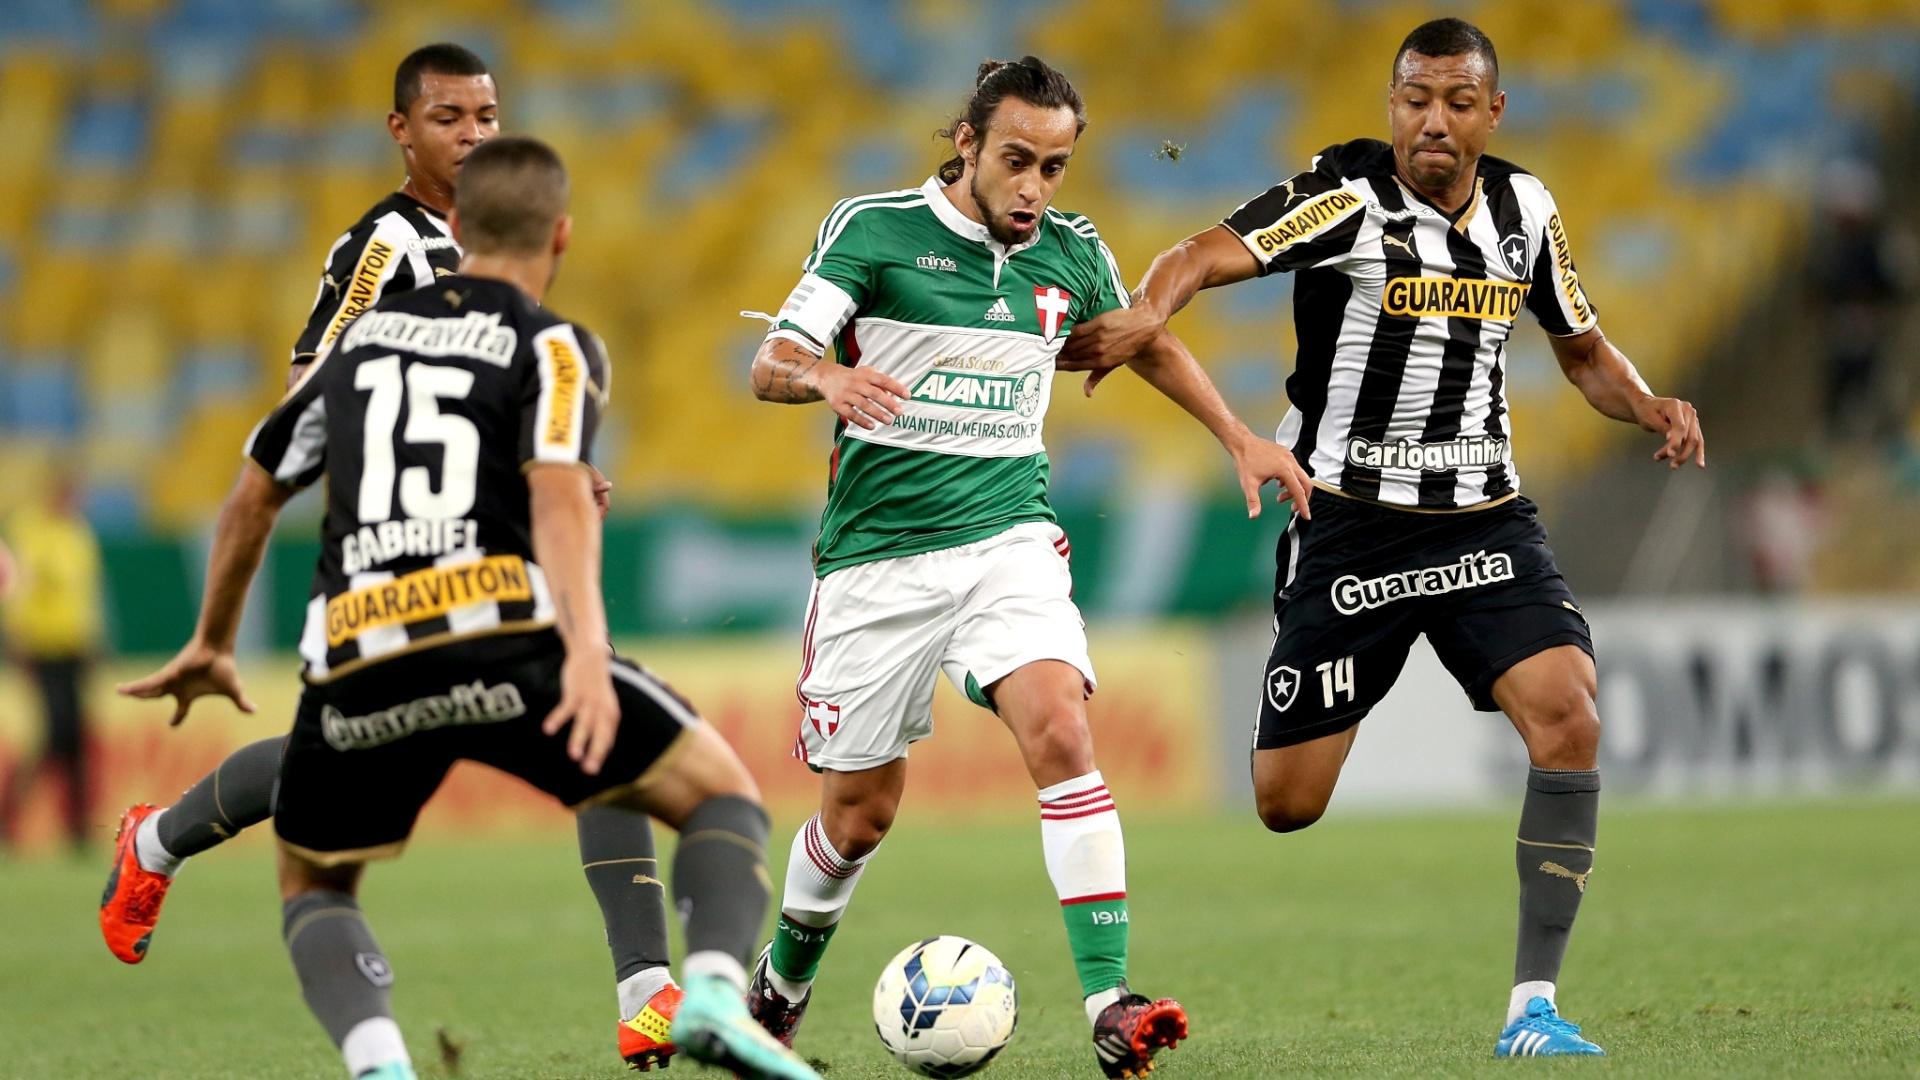 Valdivia corre entre a marcação do Botafogo no Maracanã